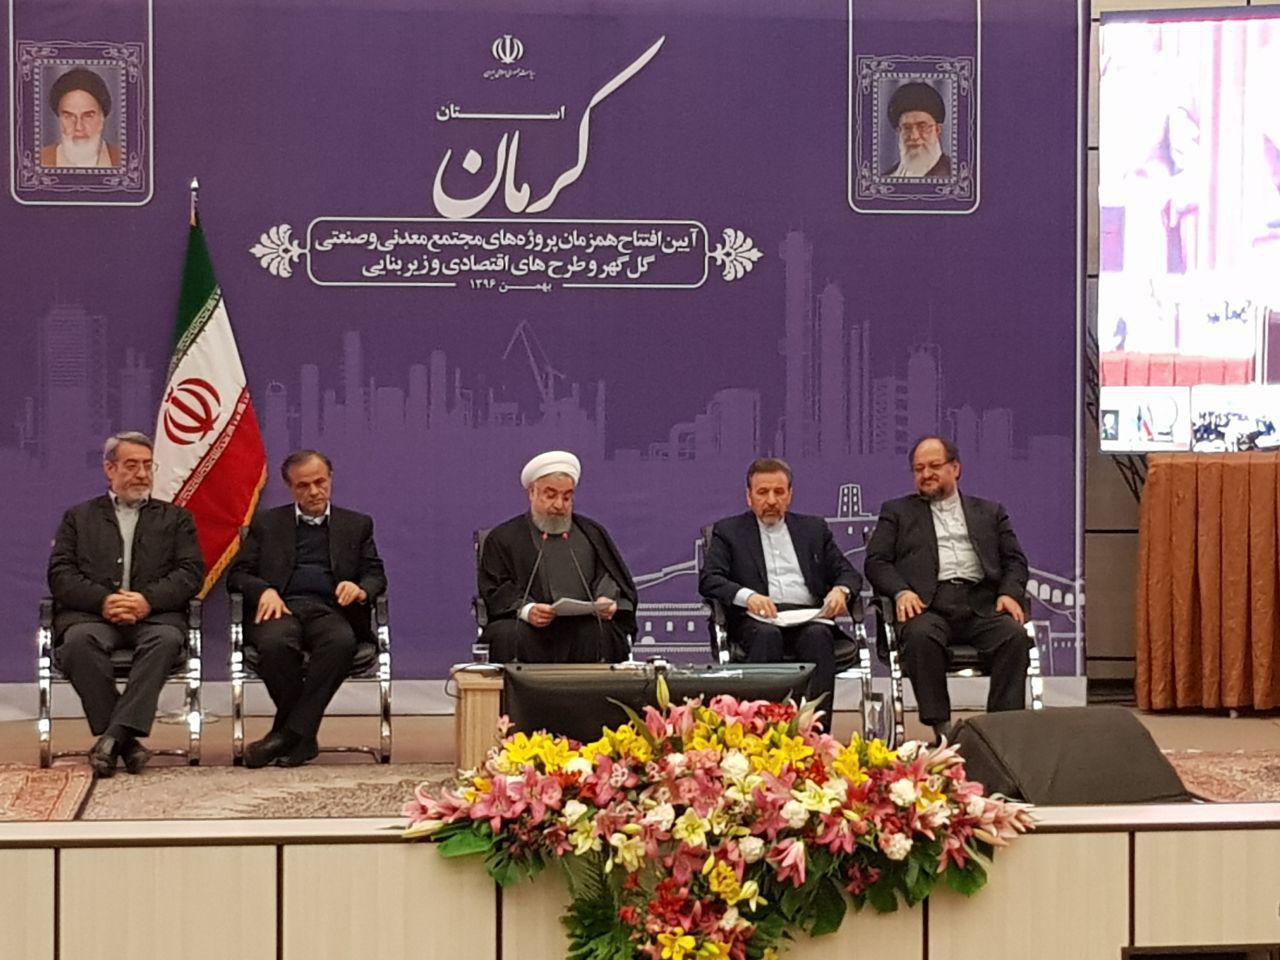 افتتاح چند طرح بزرگ صنعتی و معدنی با حضور رئیس جمهور